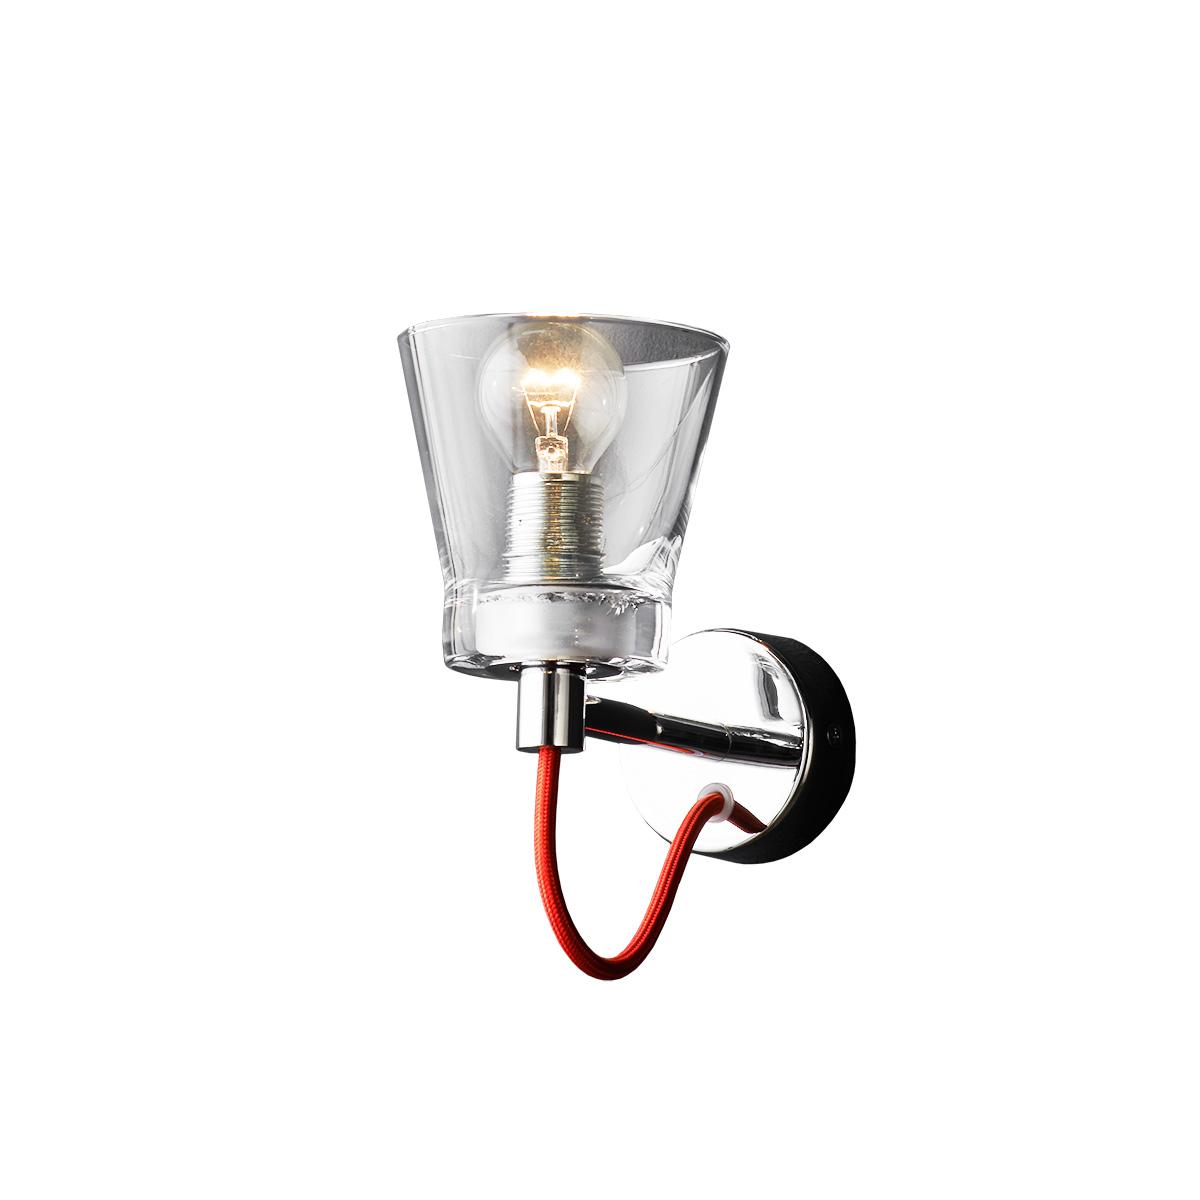 Φωτιστικό τοίχου με κοντό ποτήρι ΟΥΙΣΚΙ wall lamp with short glass